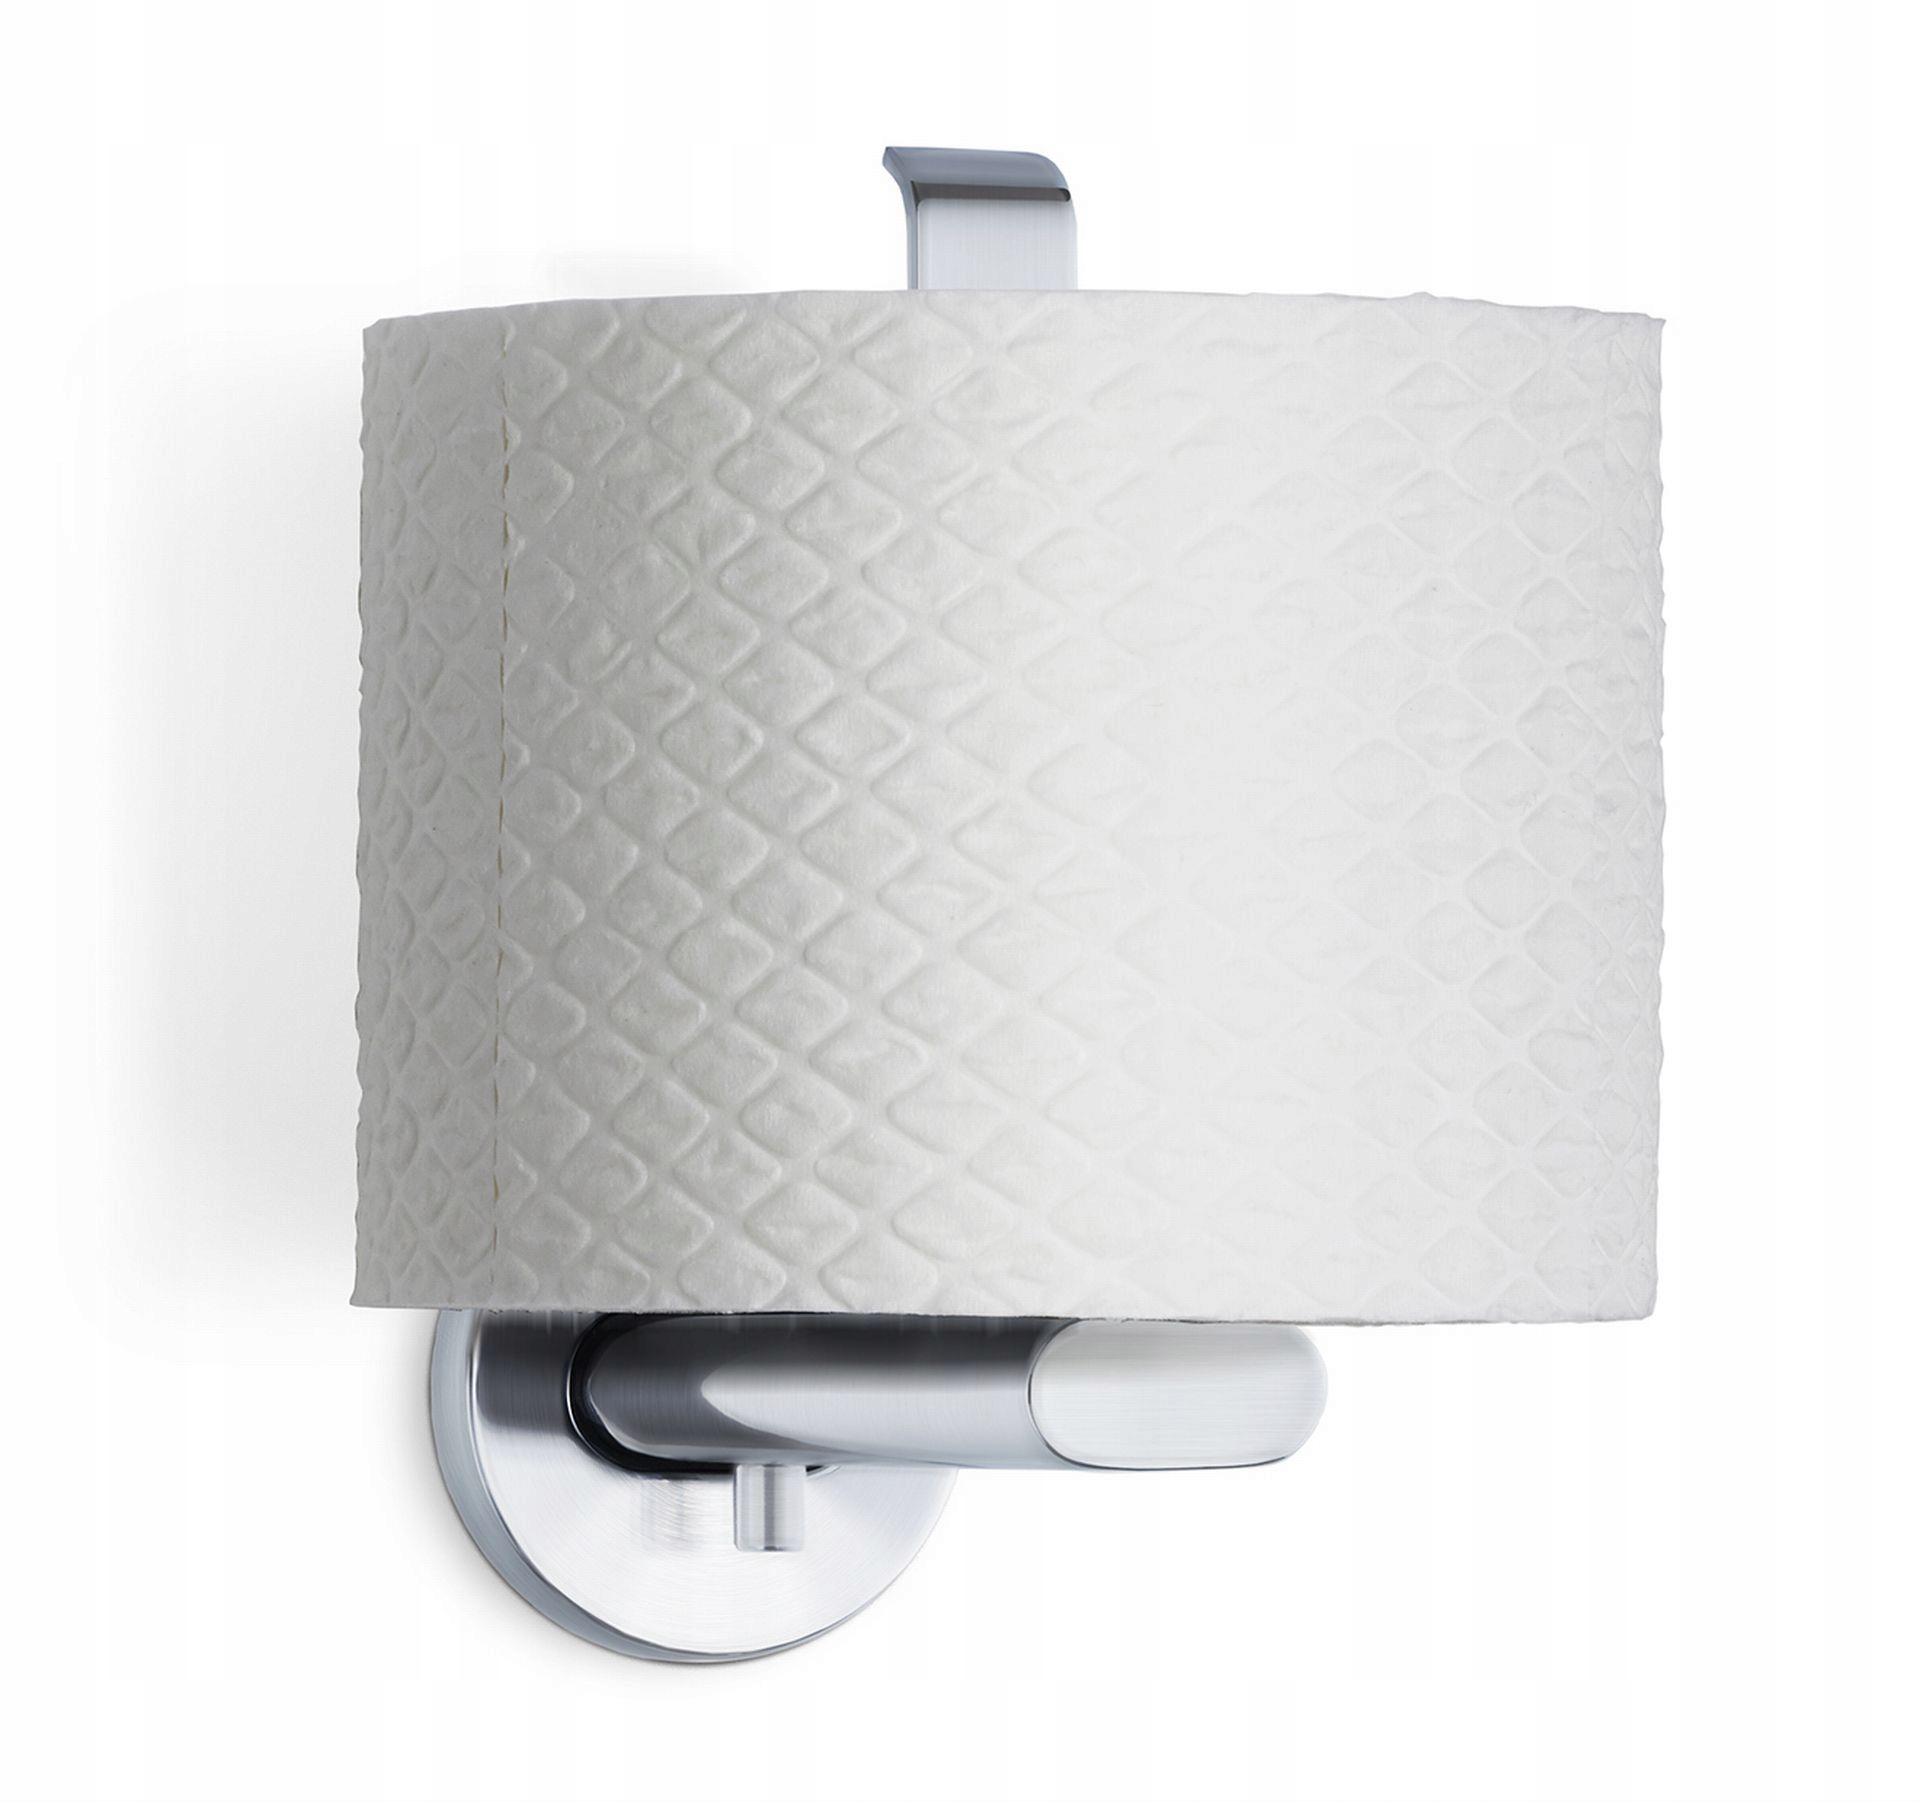 Na Blomus Areo toaletný papier Stojan na zvislé má